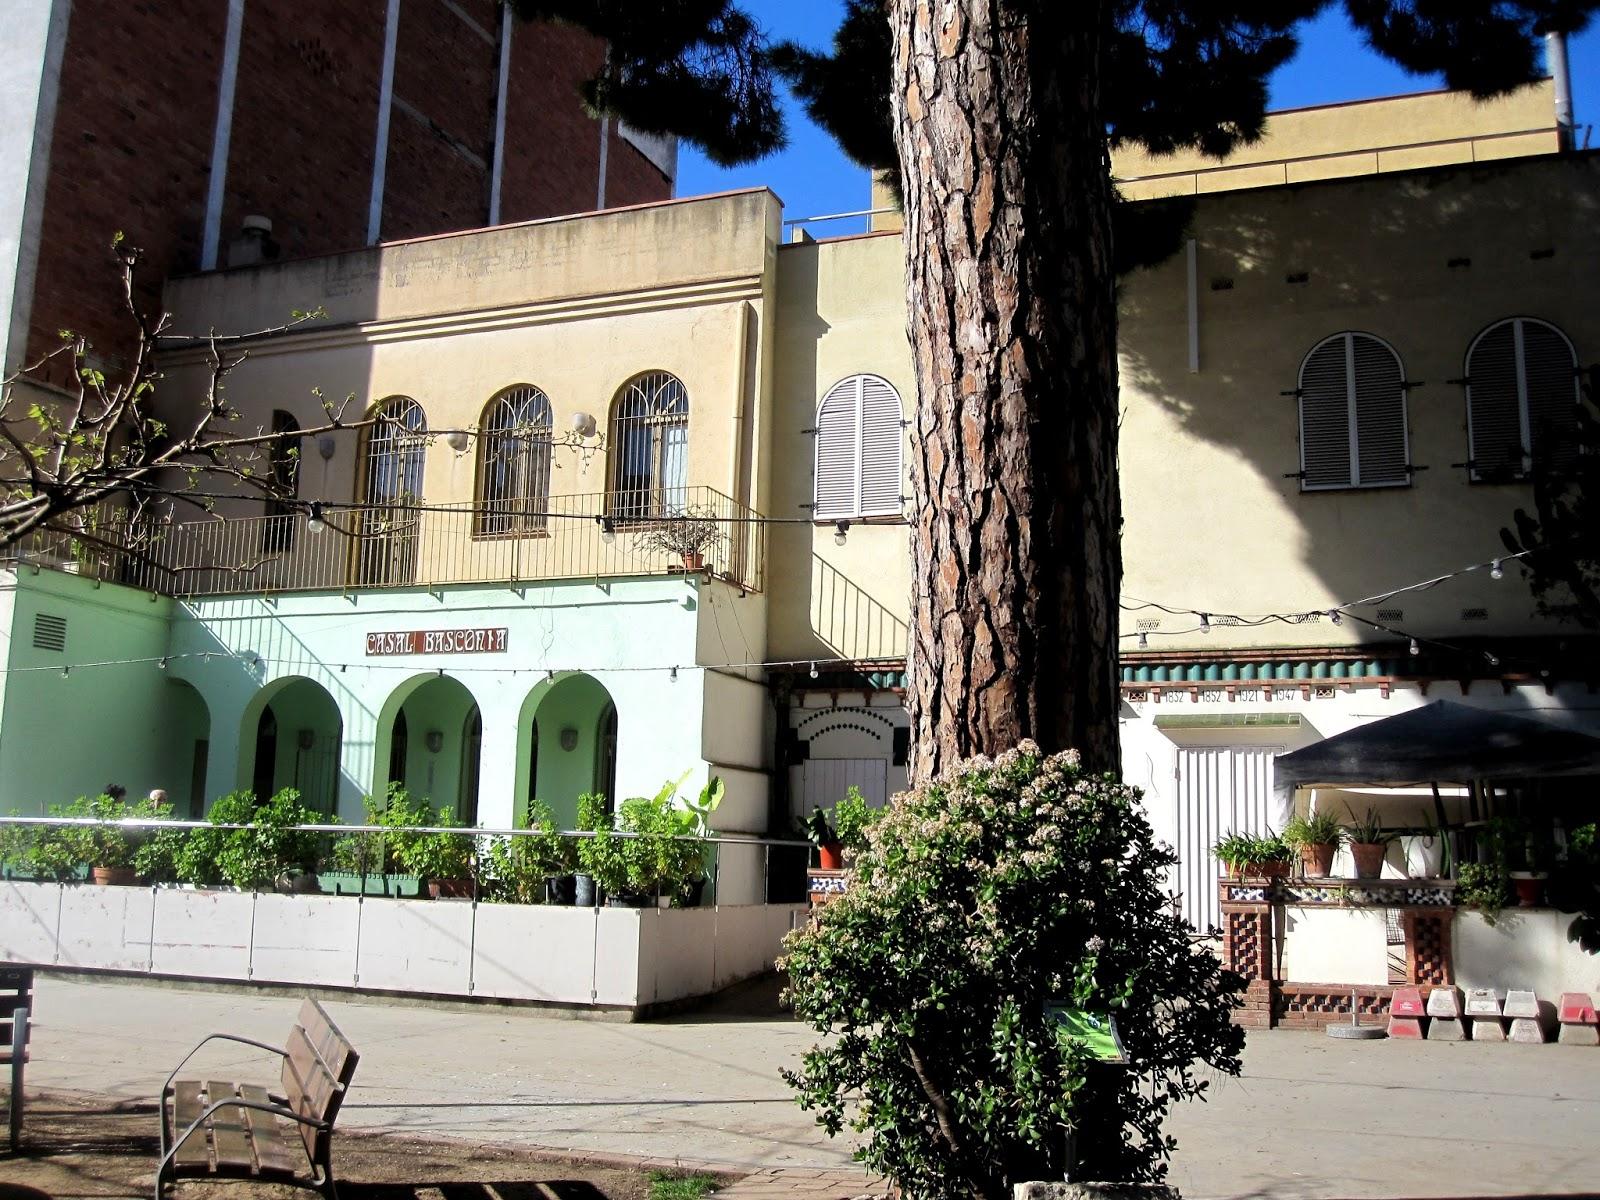 Tot barcelona el pino del casal basconia de sant andreu - Barrio de sant andreu ...